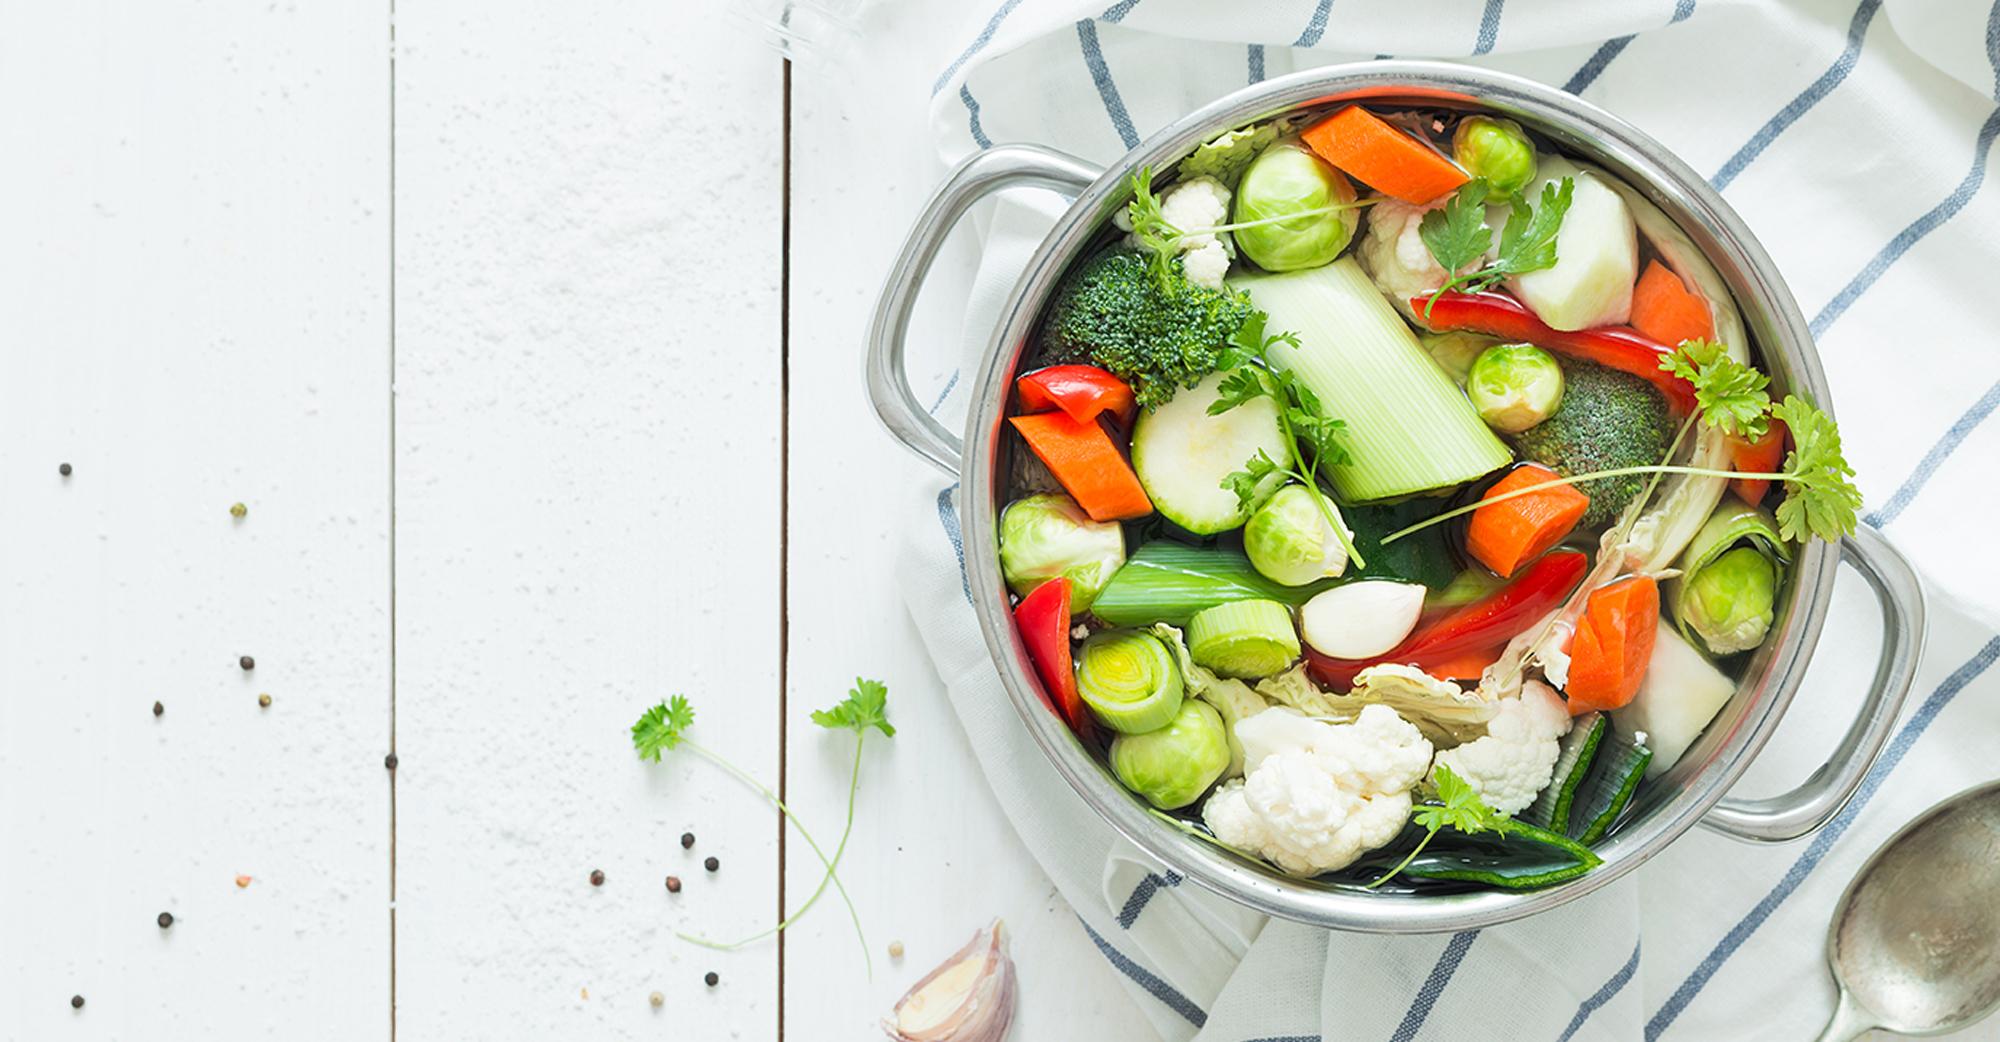 Frutta e verdura contro il freddo: tutto ciò che bisogna sapere